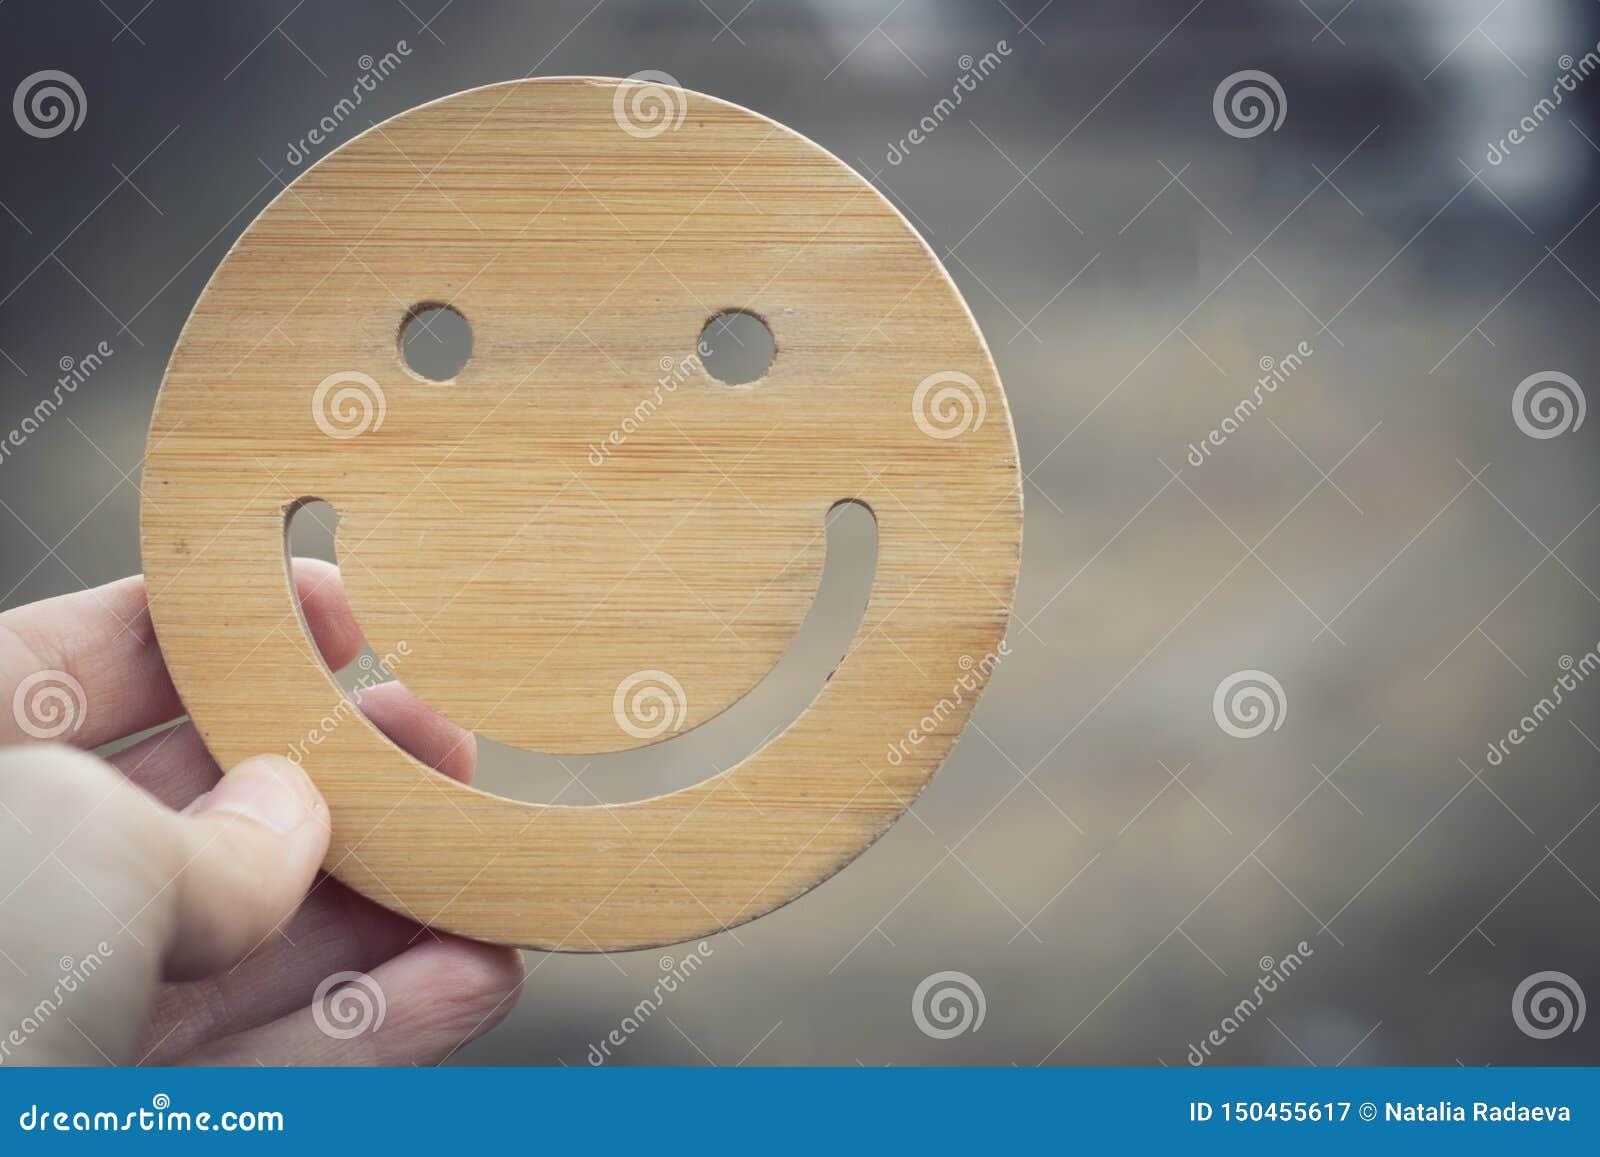 Hay un buen humor cuando hay limpieza y ecología alrededor La mano lleva a cabo el smilie redondo de madera en fondo borroso de l